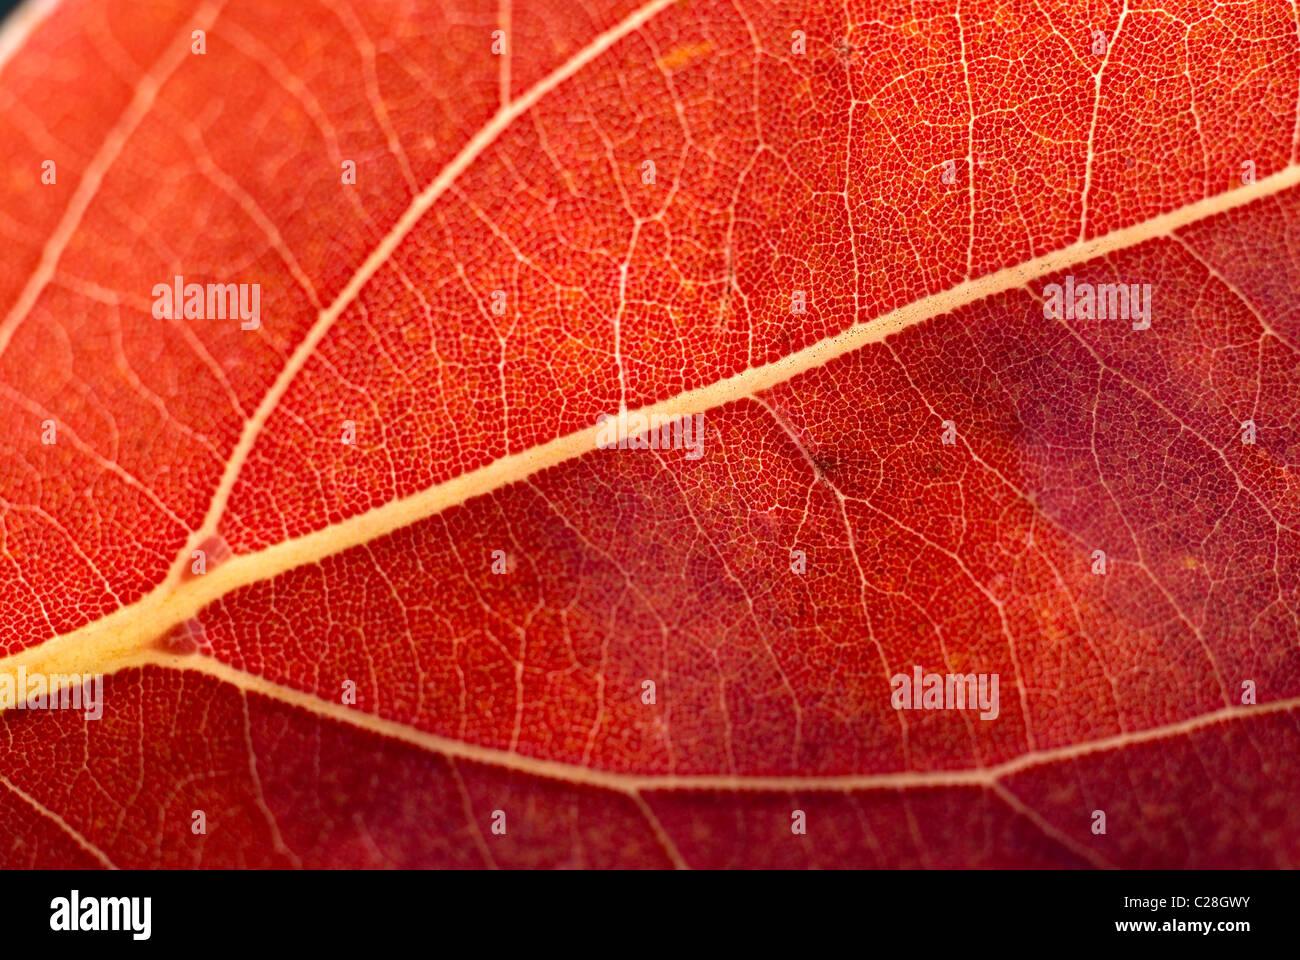 Autumn leaf, leaf veins, orange leaf - Stock Image